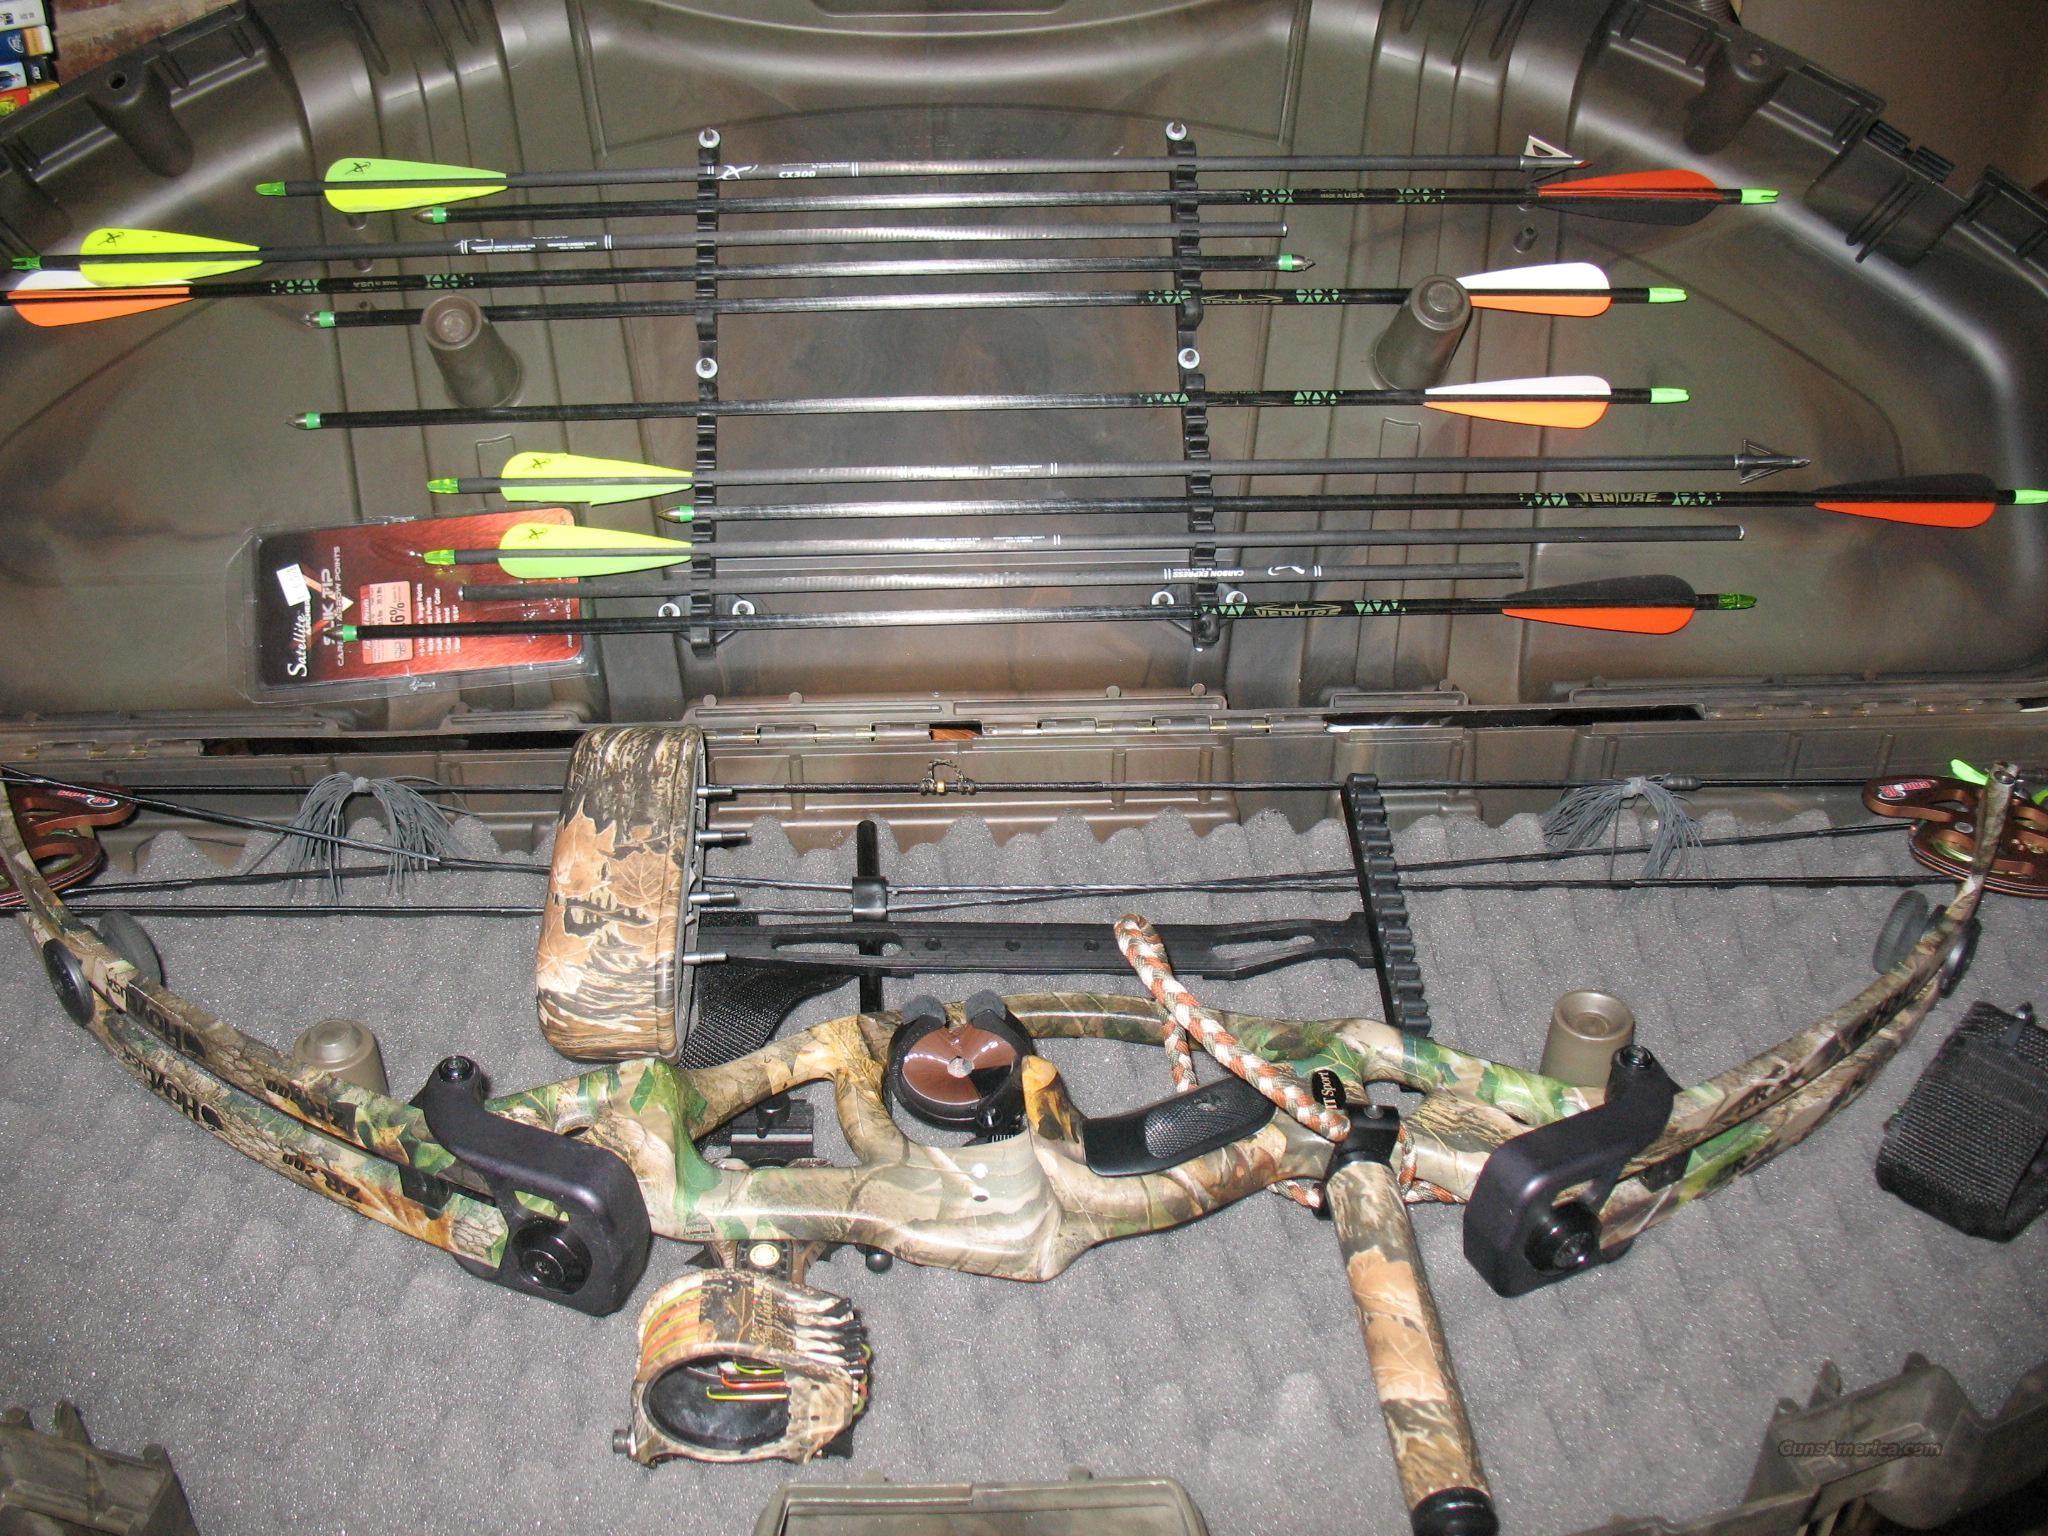 Res: 2048x1536, Hoyt MT sport compound bow Non-Guns > Archery > Bows > Compound